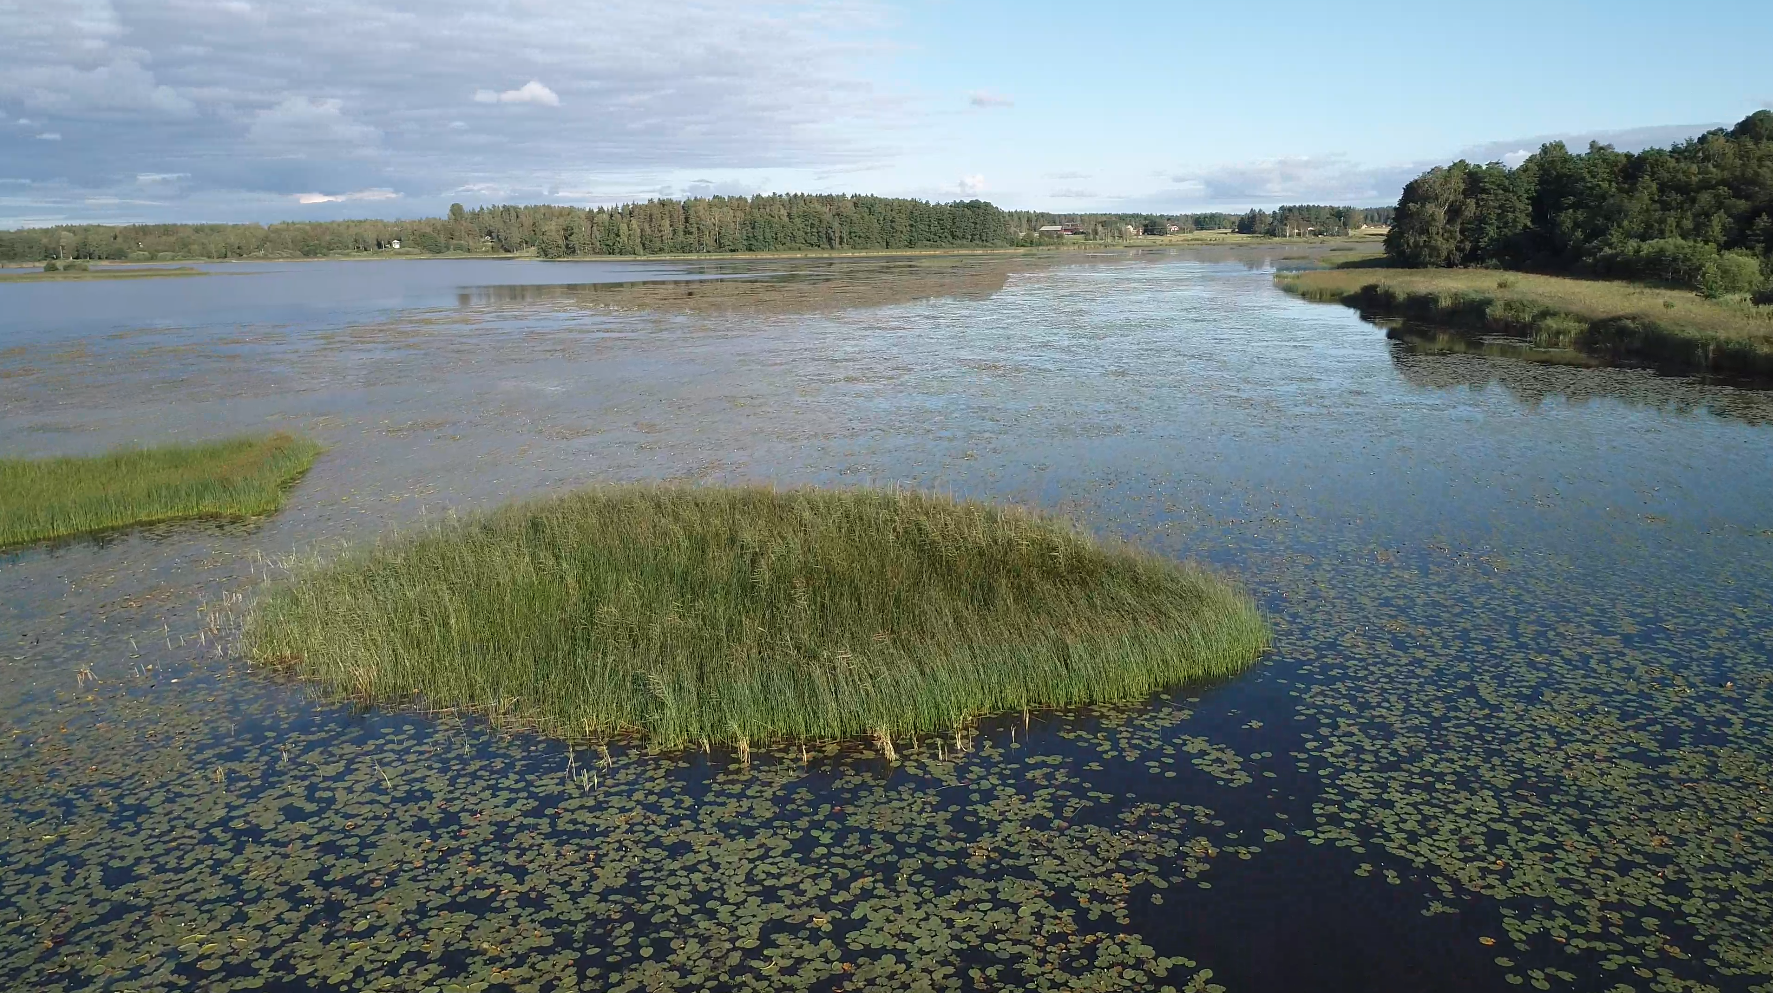 Förstudie – Alternativ För Reglering Av Vansjön Och Nordsjön